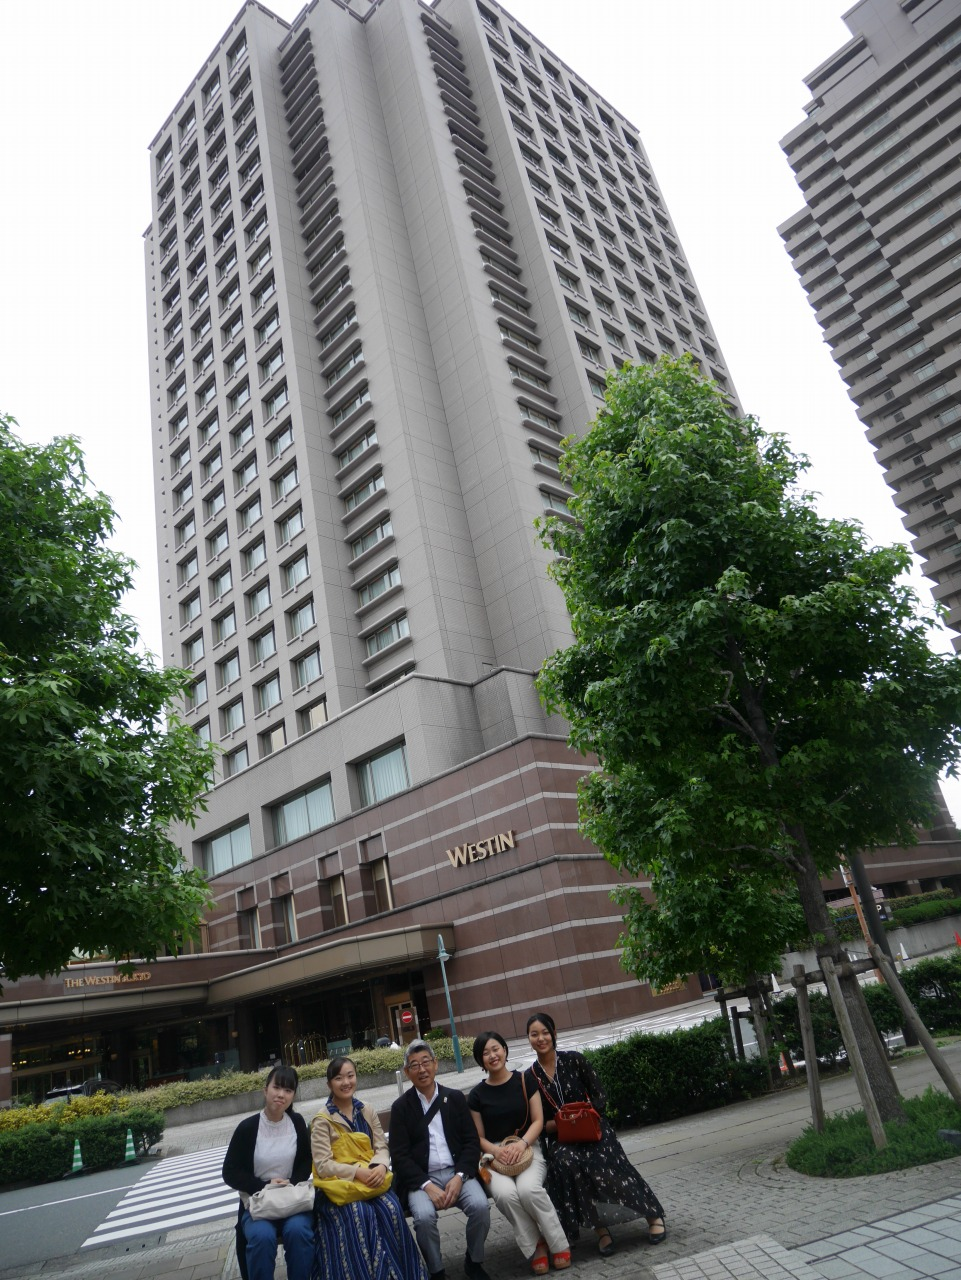 ホテルの前で記念撮影